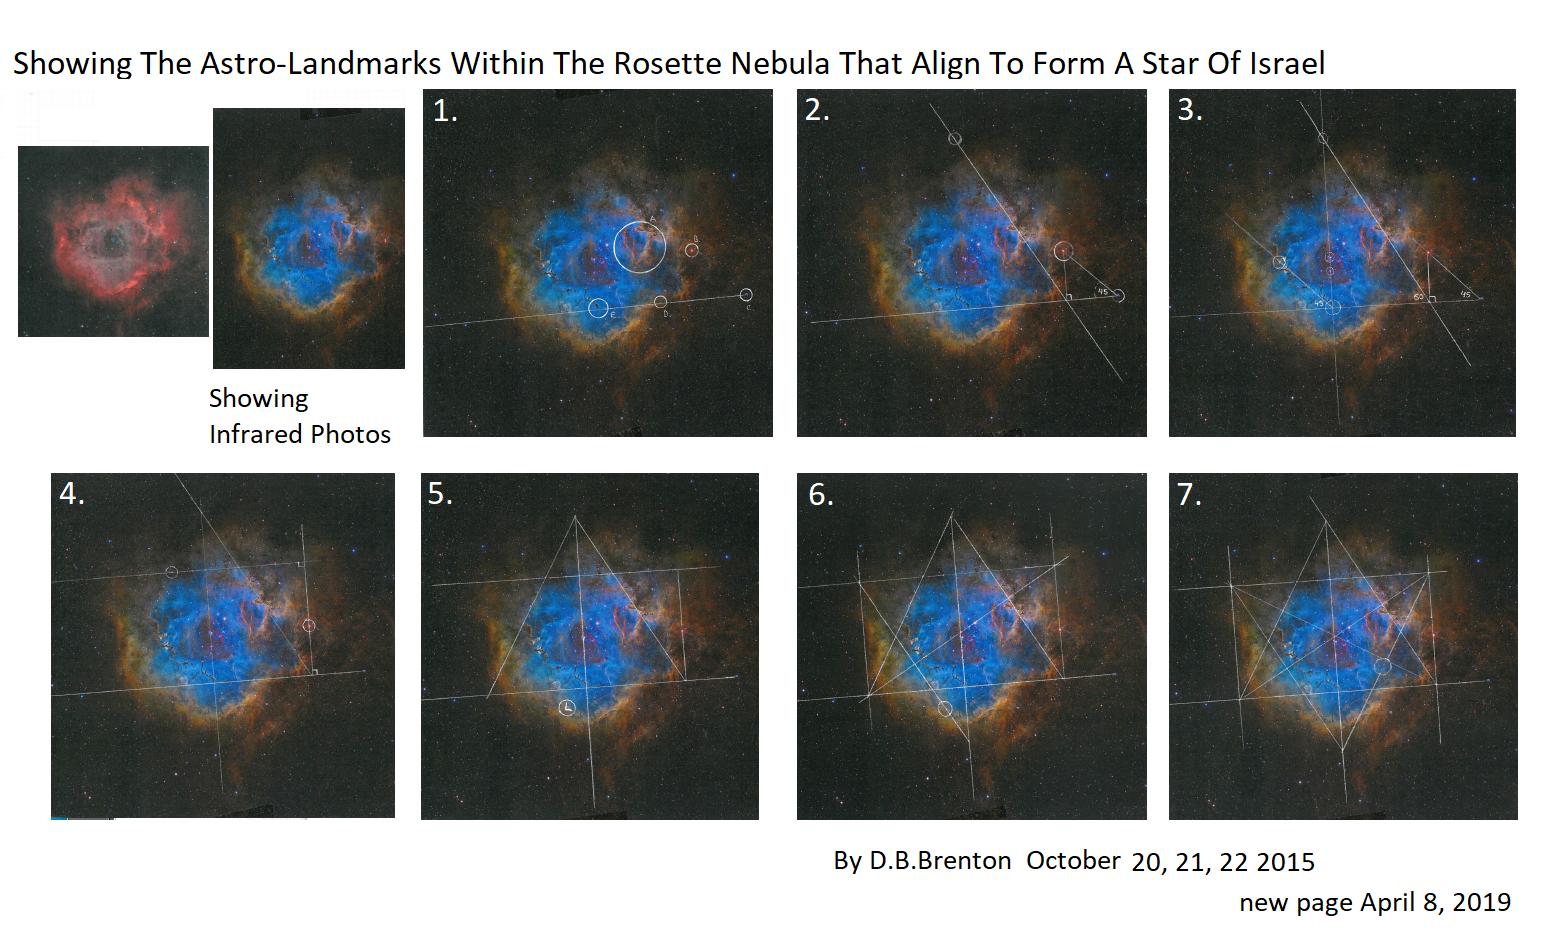 Rosette Nebula Star Of Israel